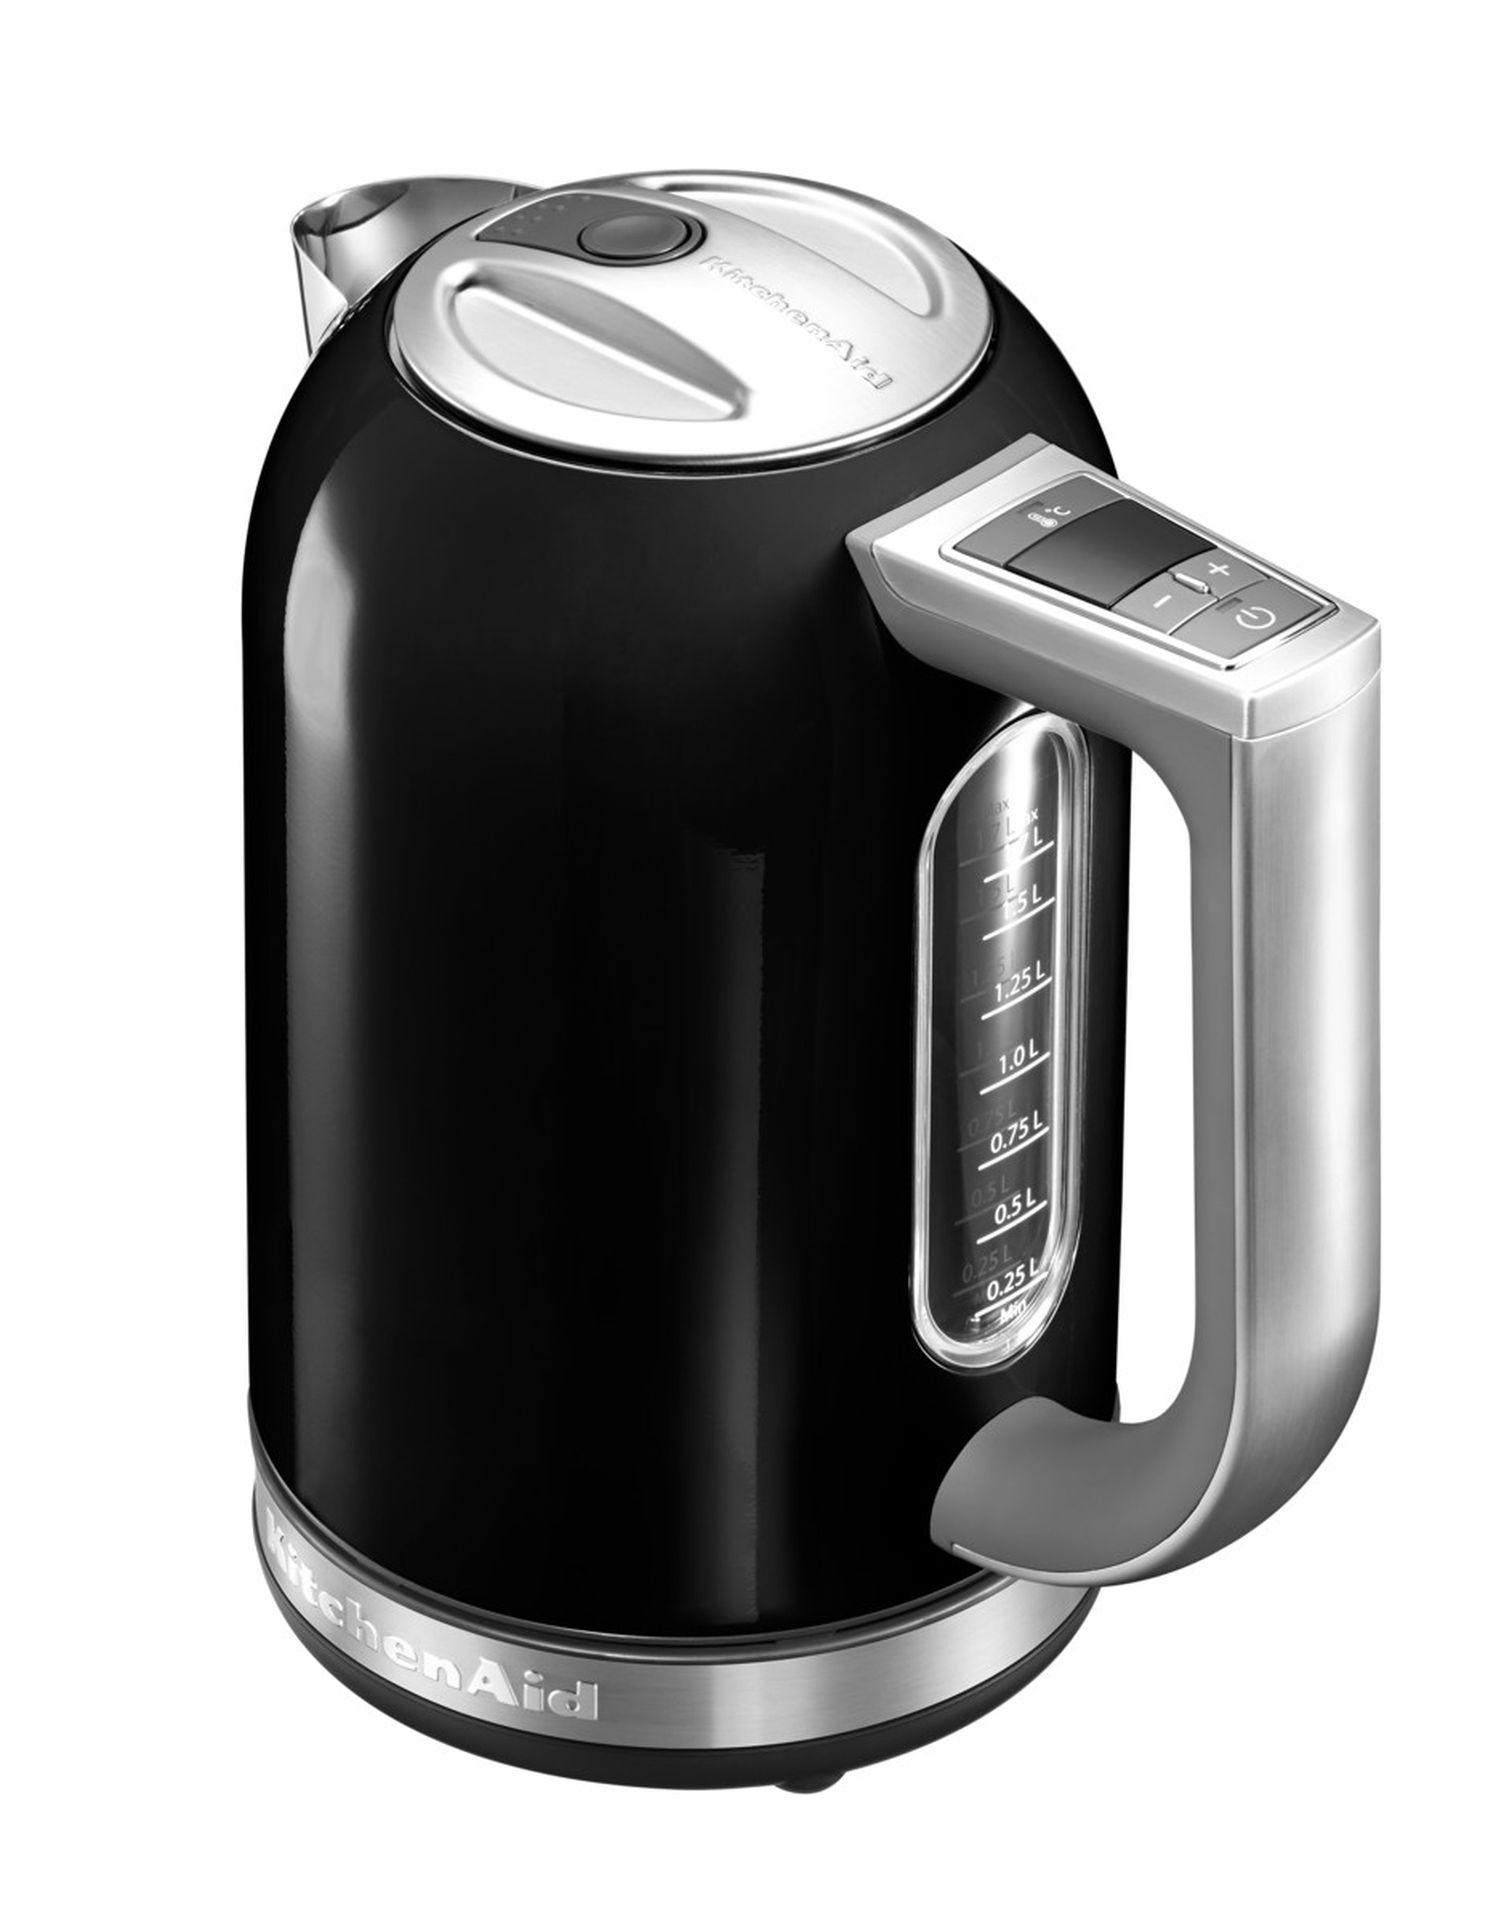 KitchenAid Wasserkocher 5KEK1722EOB